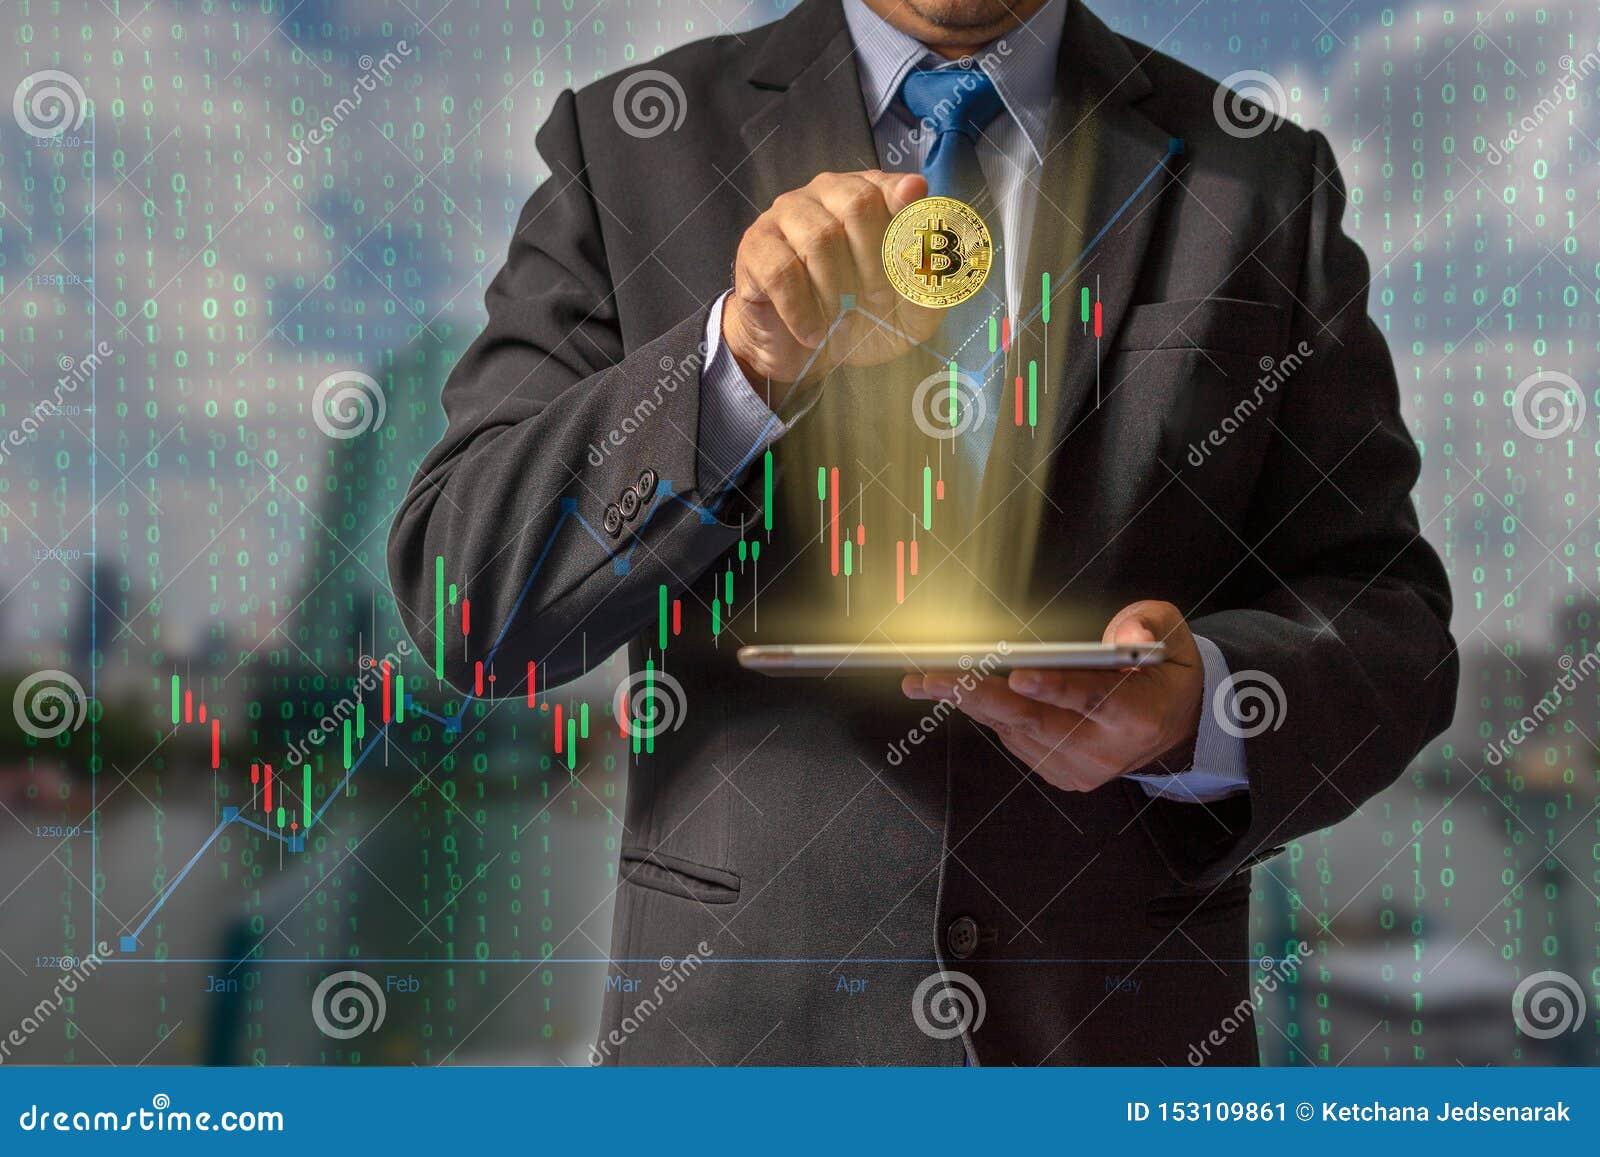 Συναλλαγές στο διαδίκτυο με τις εμπορικές συναλλαγές μέσω της τεχνολογίας νομίσματος bitcoin blockchain μέσω των οικονομικών στοι